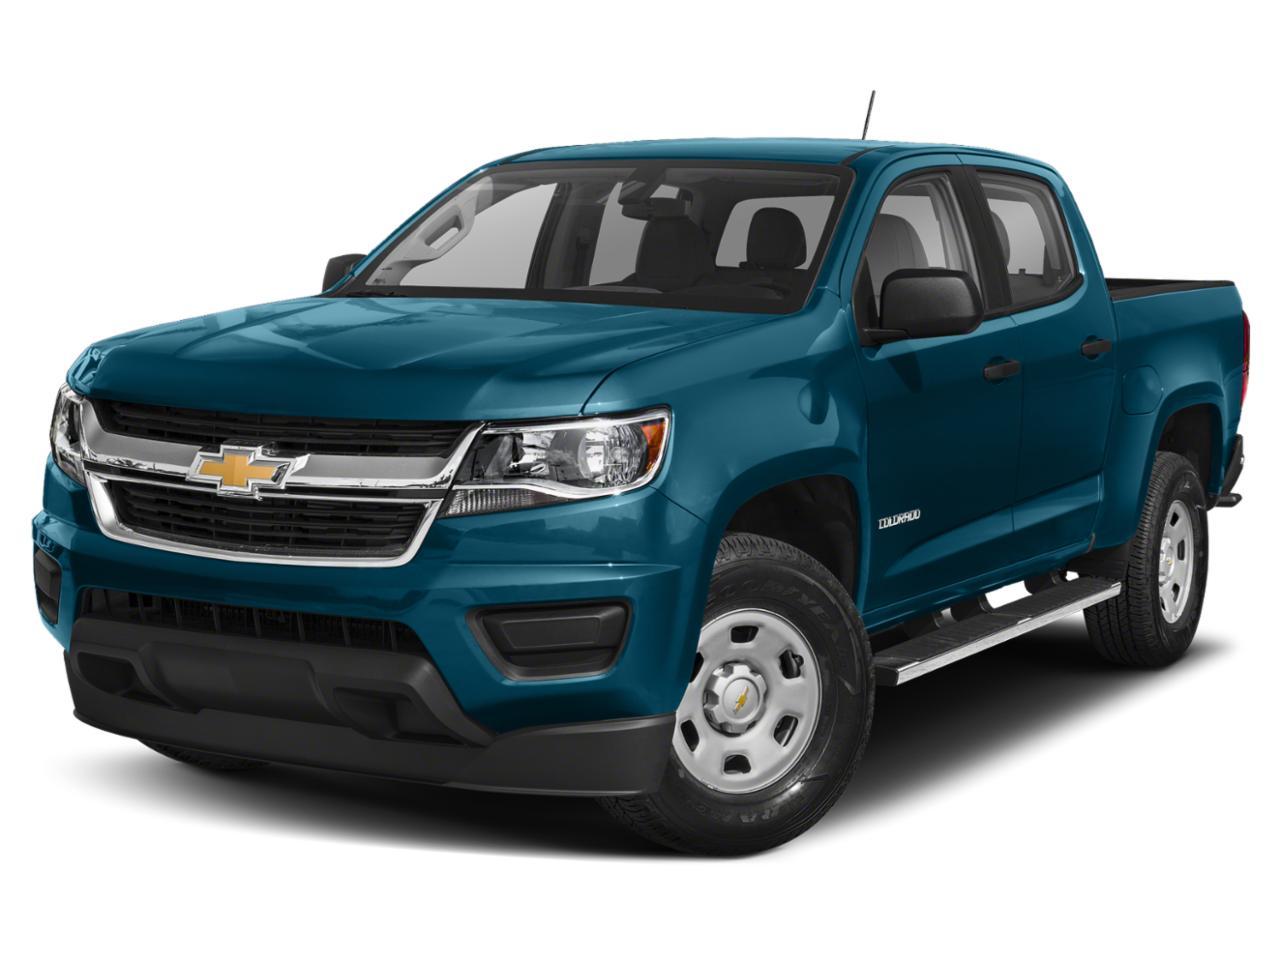 2019 Chevrolet Colorado Vehicle Photo in SAINT JAMES, NY 11780-3219